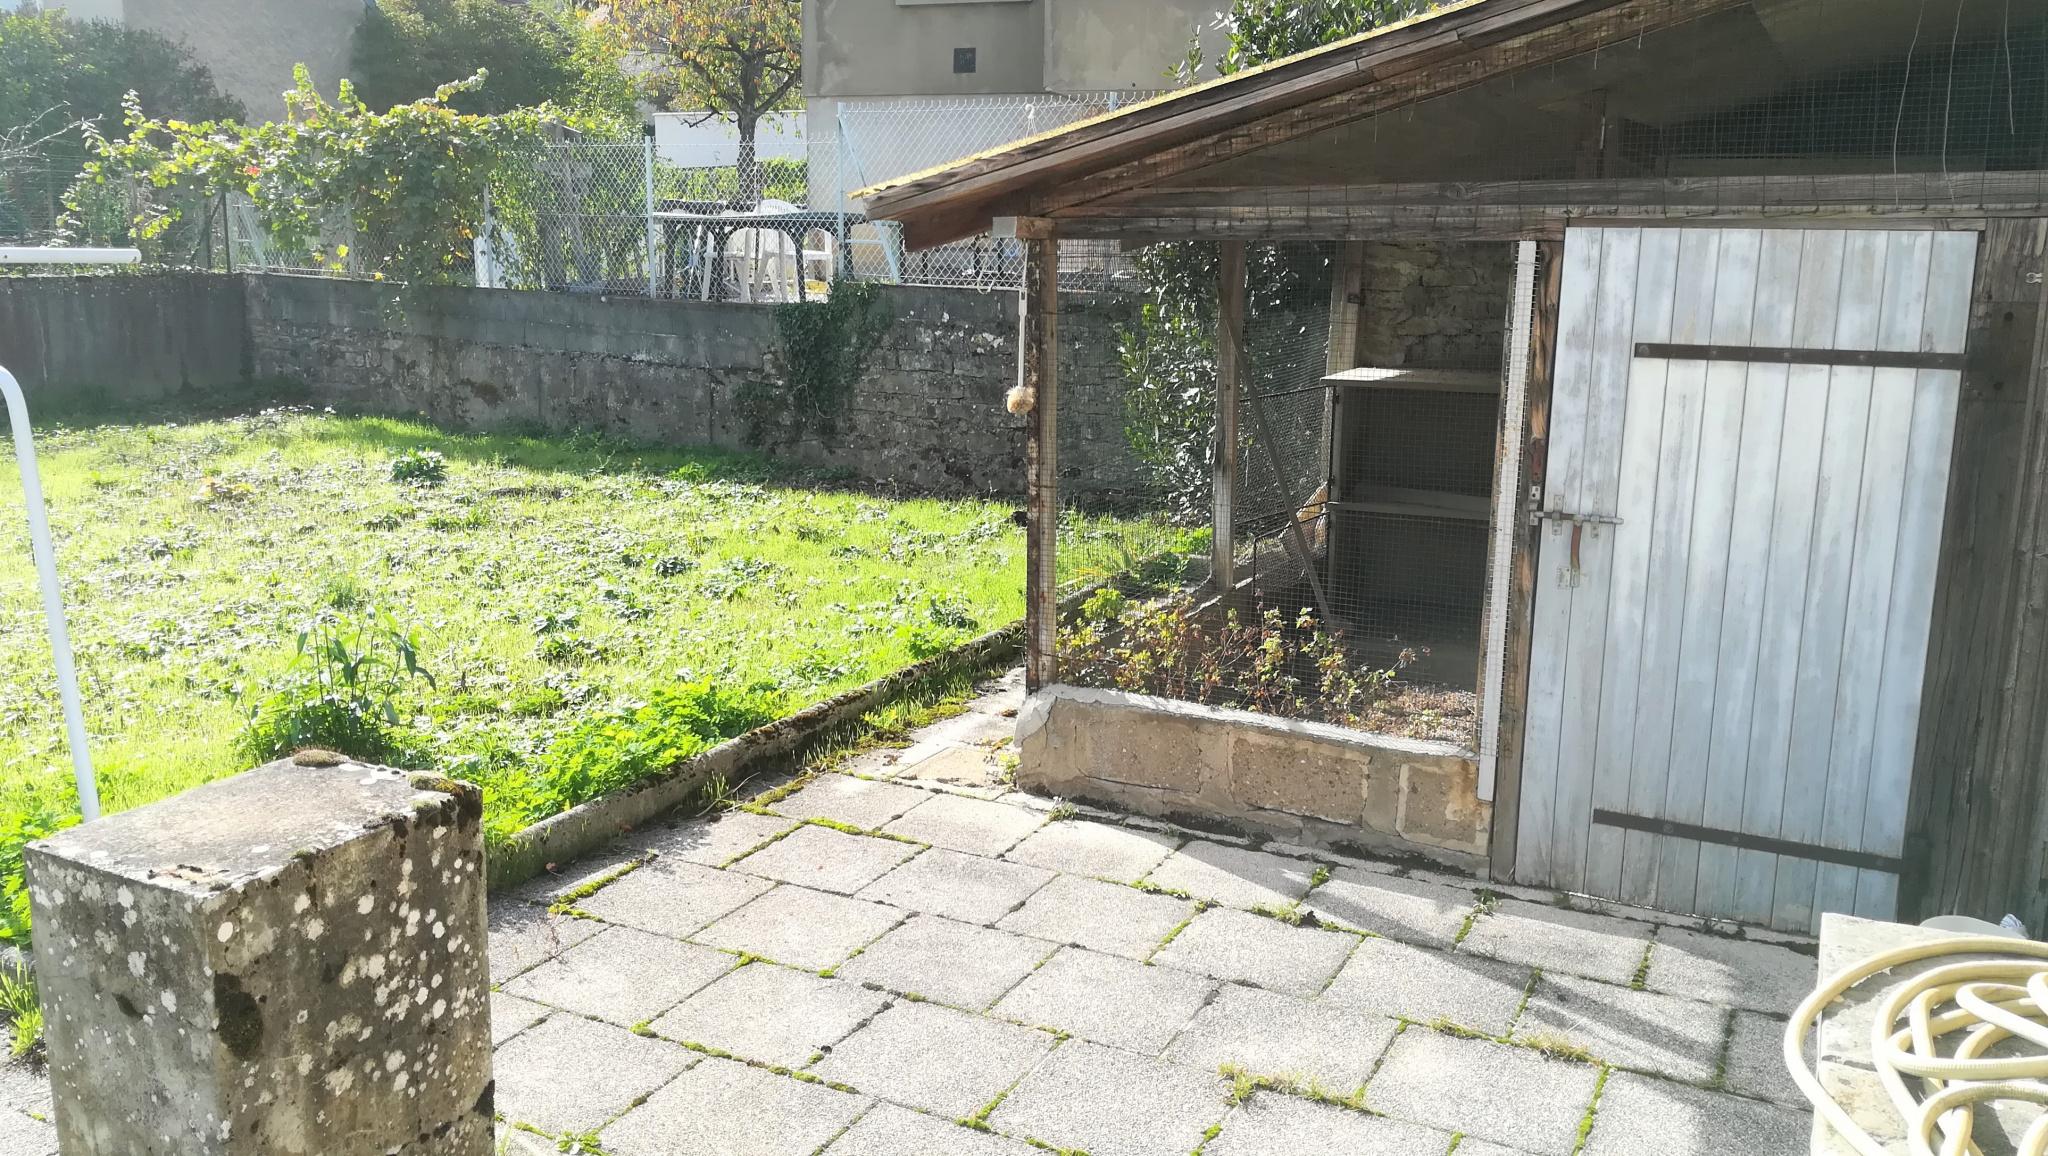 Vente maison/villa brochon Coll�ges et Lyc�e, commerces